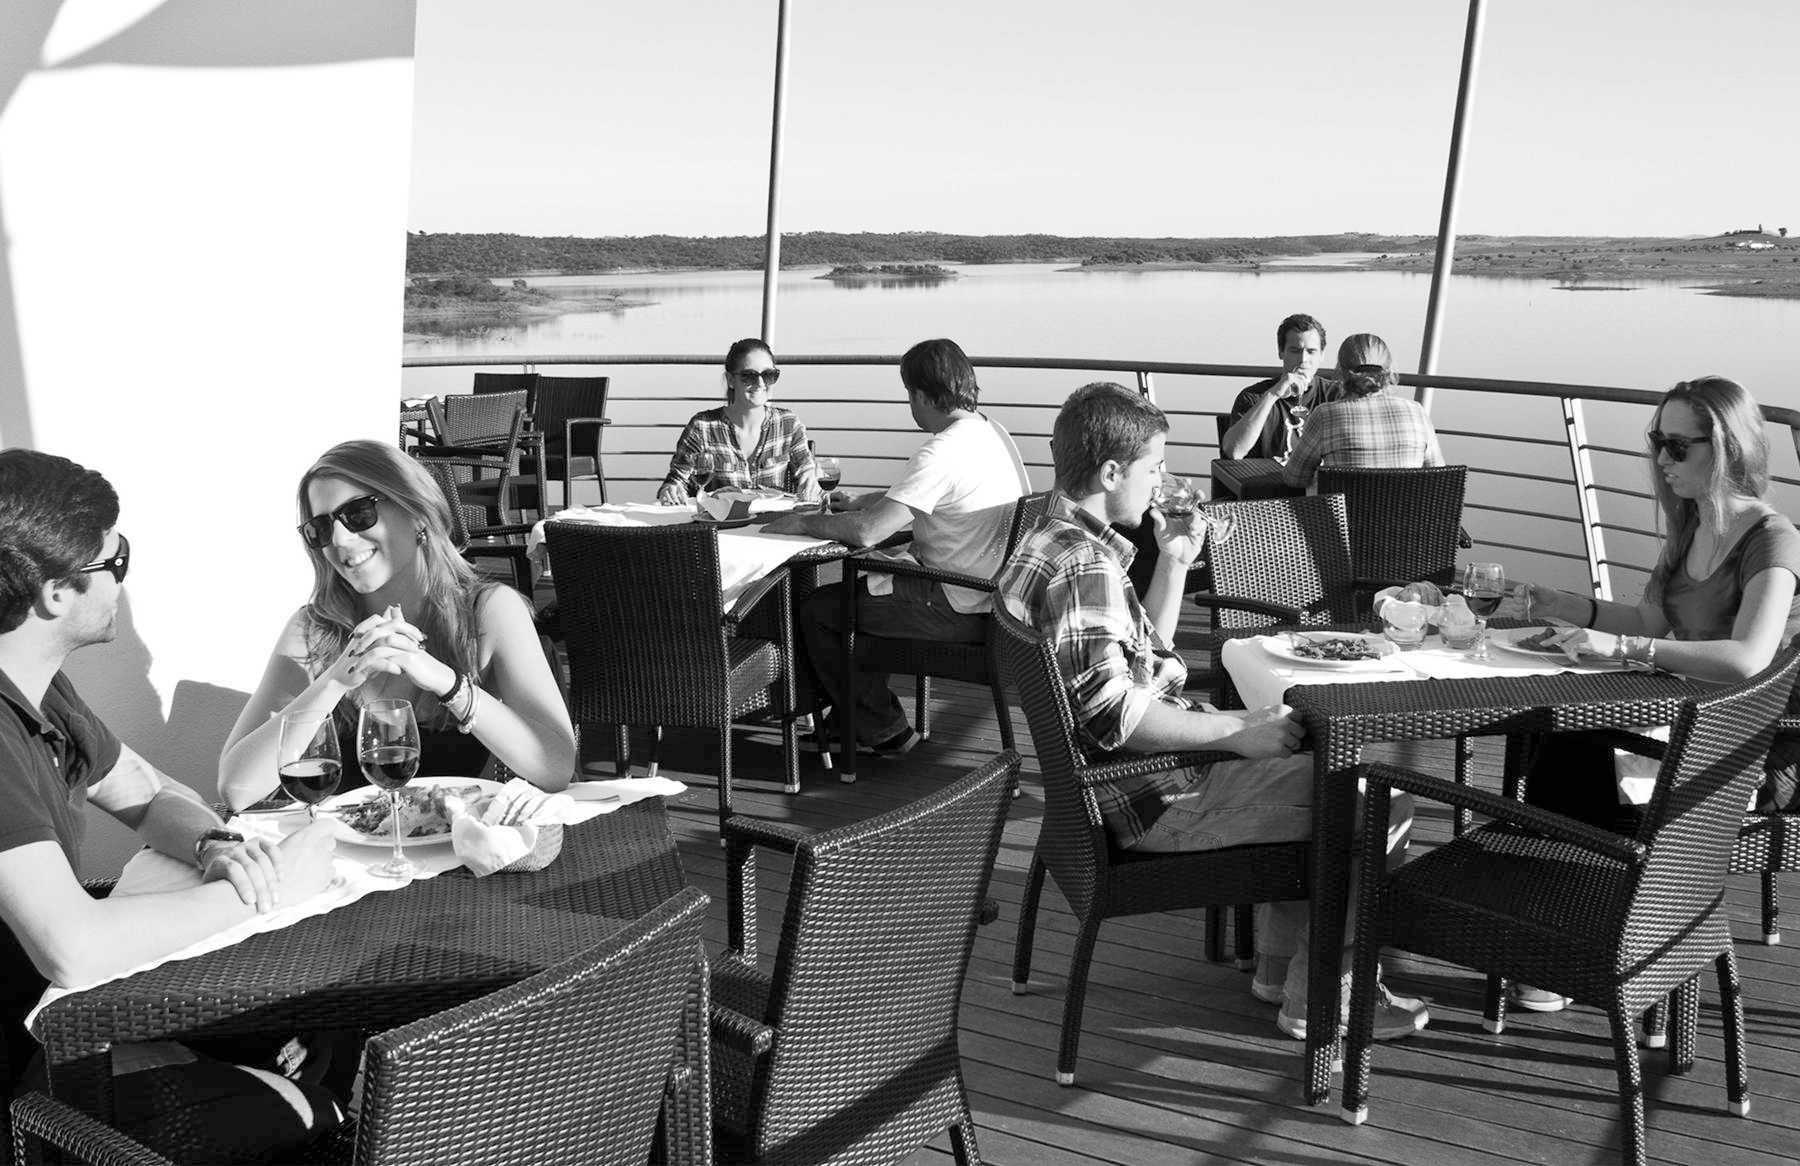 Sobre as calmas águas do Lago Alqueva, o Restaurante Panorâmico Amieira Marina tem para lhe oferecer o melhor da Gastronomia Tradicional Alentejana.